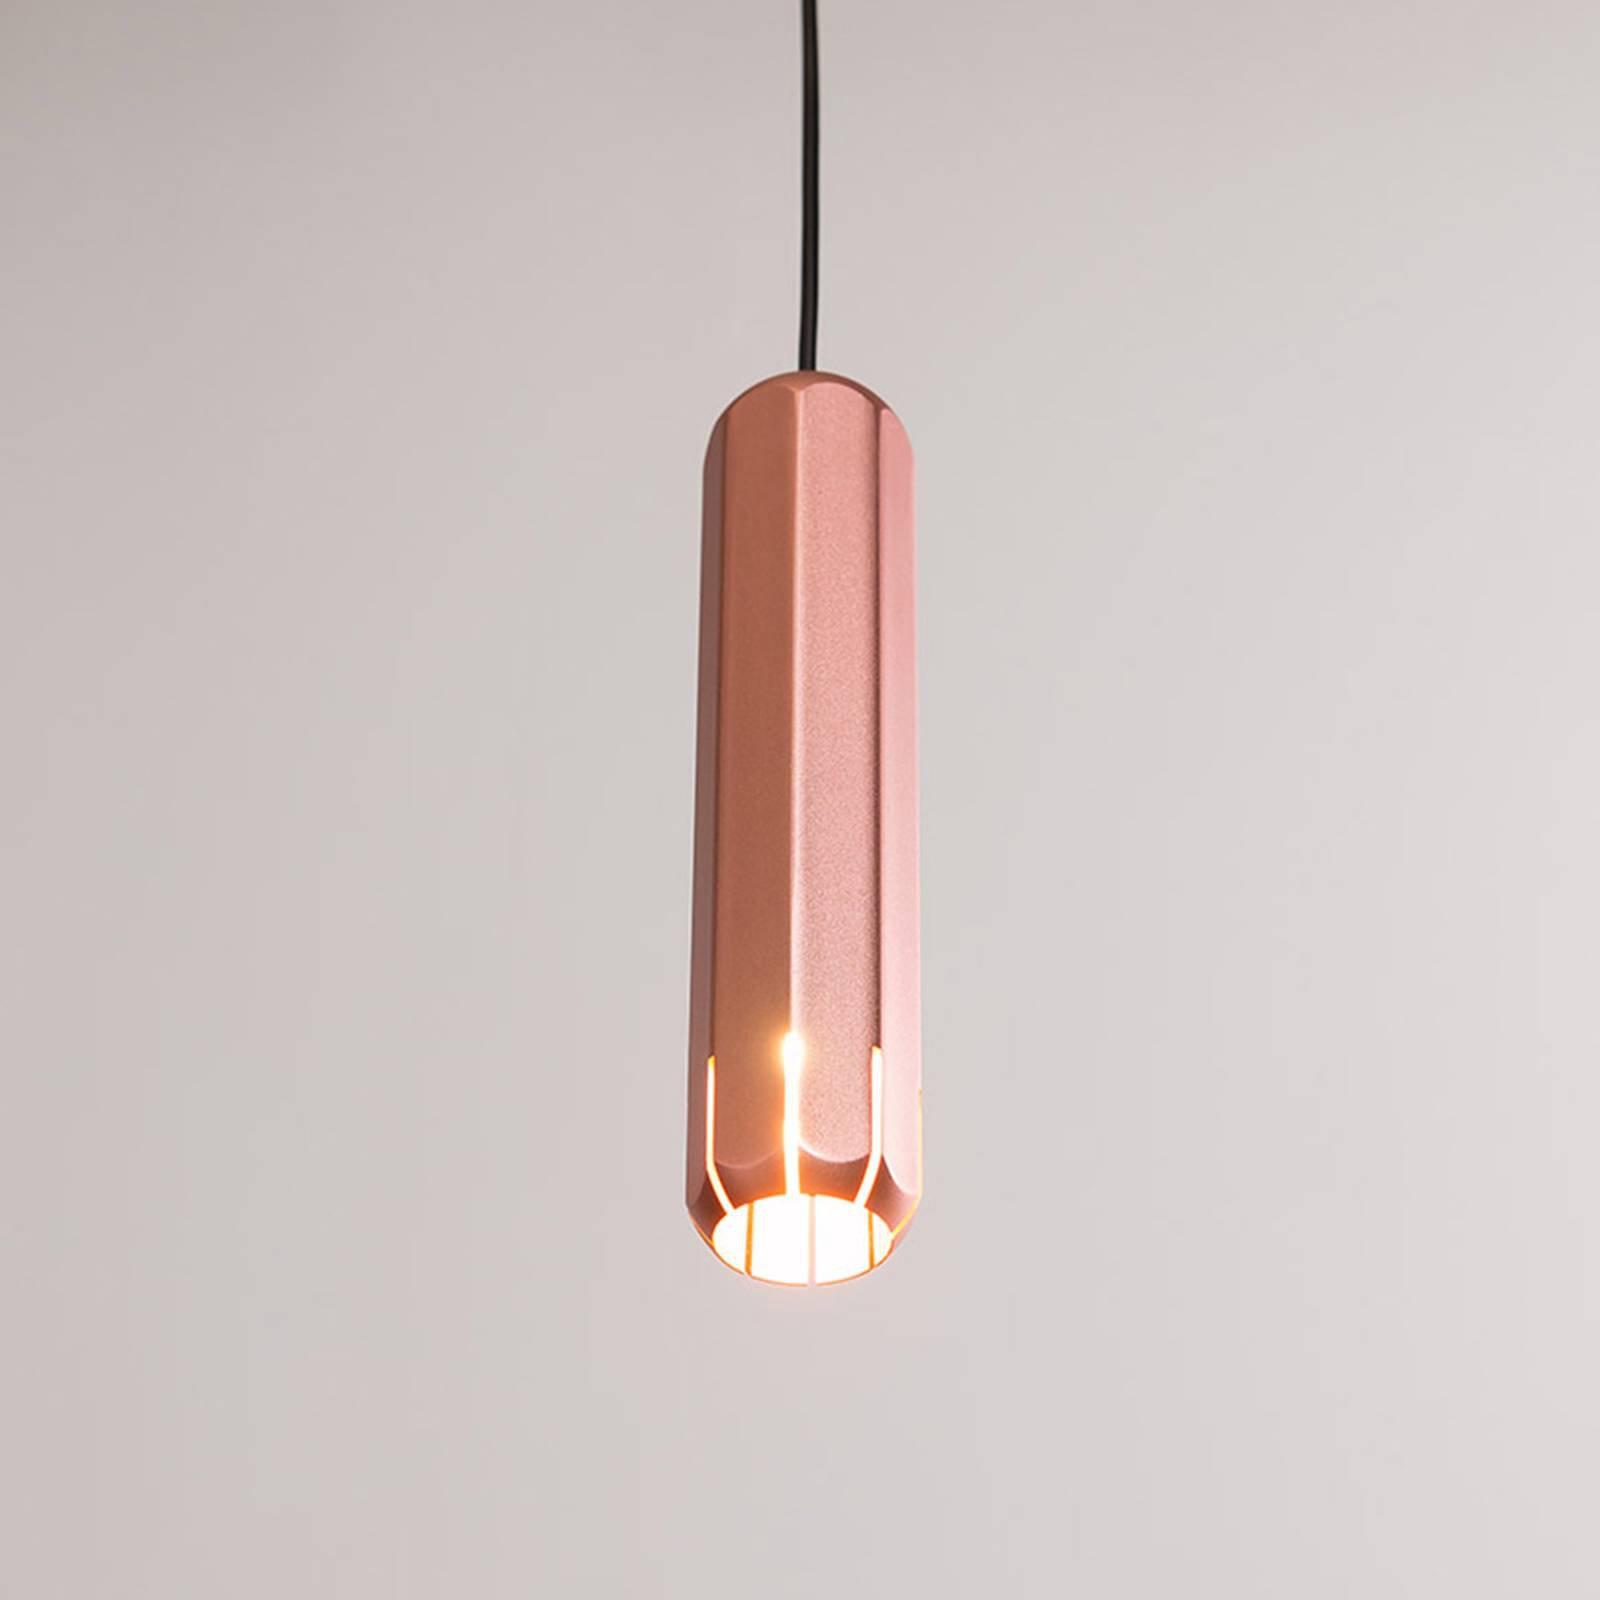 Innermost Brixton Spot 20 LED-hengelampe, kobber